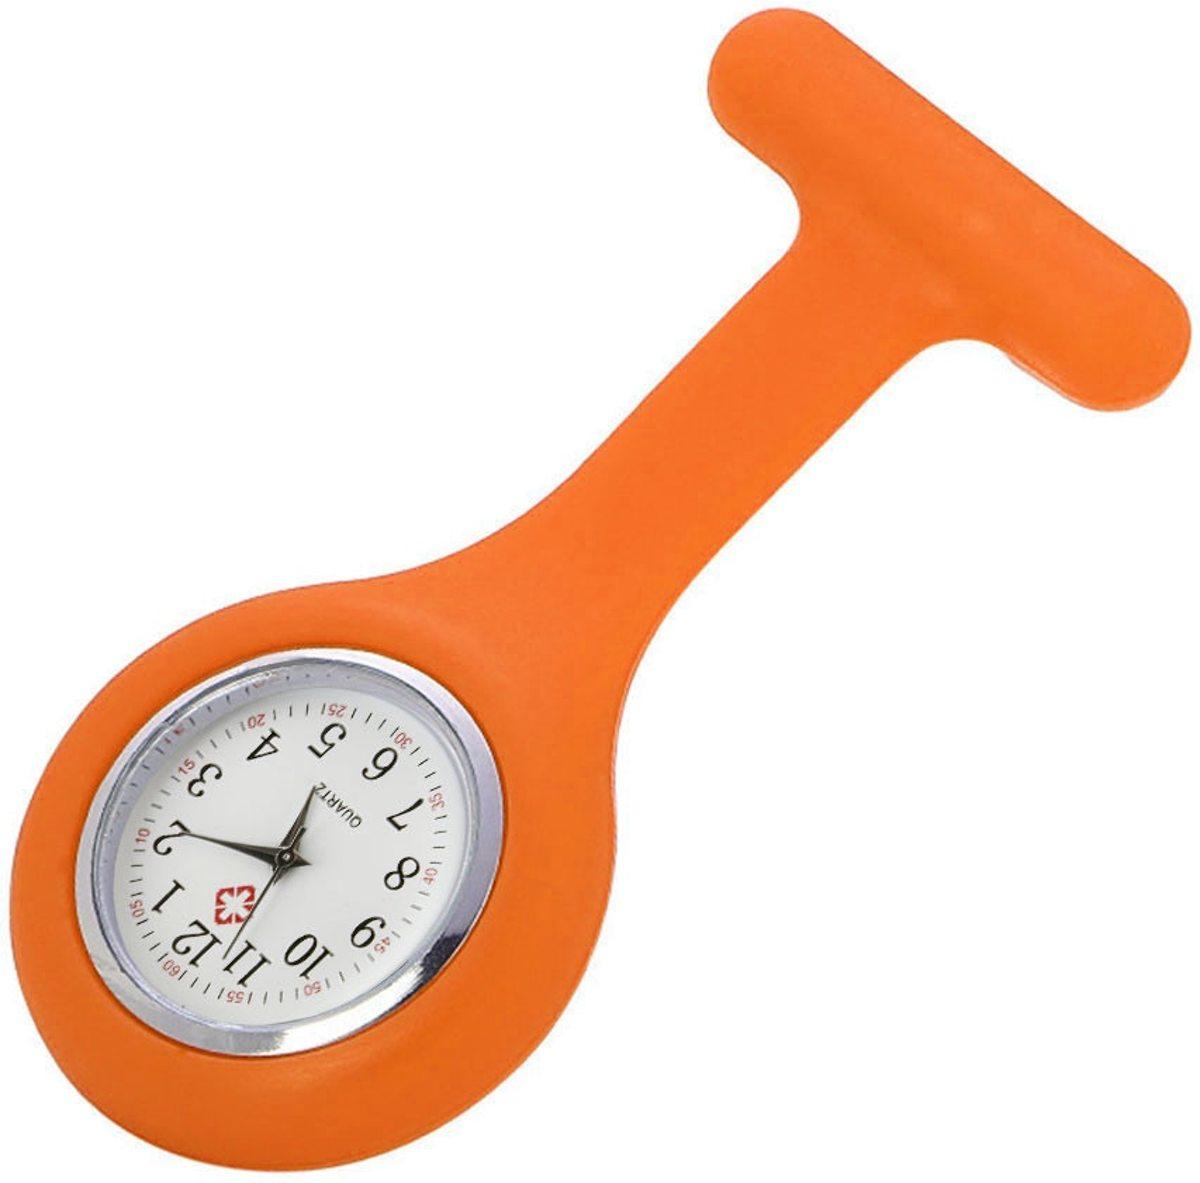 Verpleegster horloge - Verpleegsterhorloge - Nurse Watch - siliconen - Oranje kopen